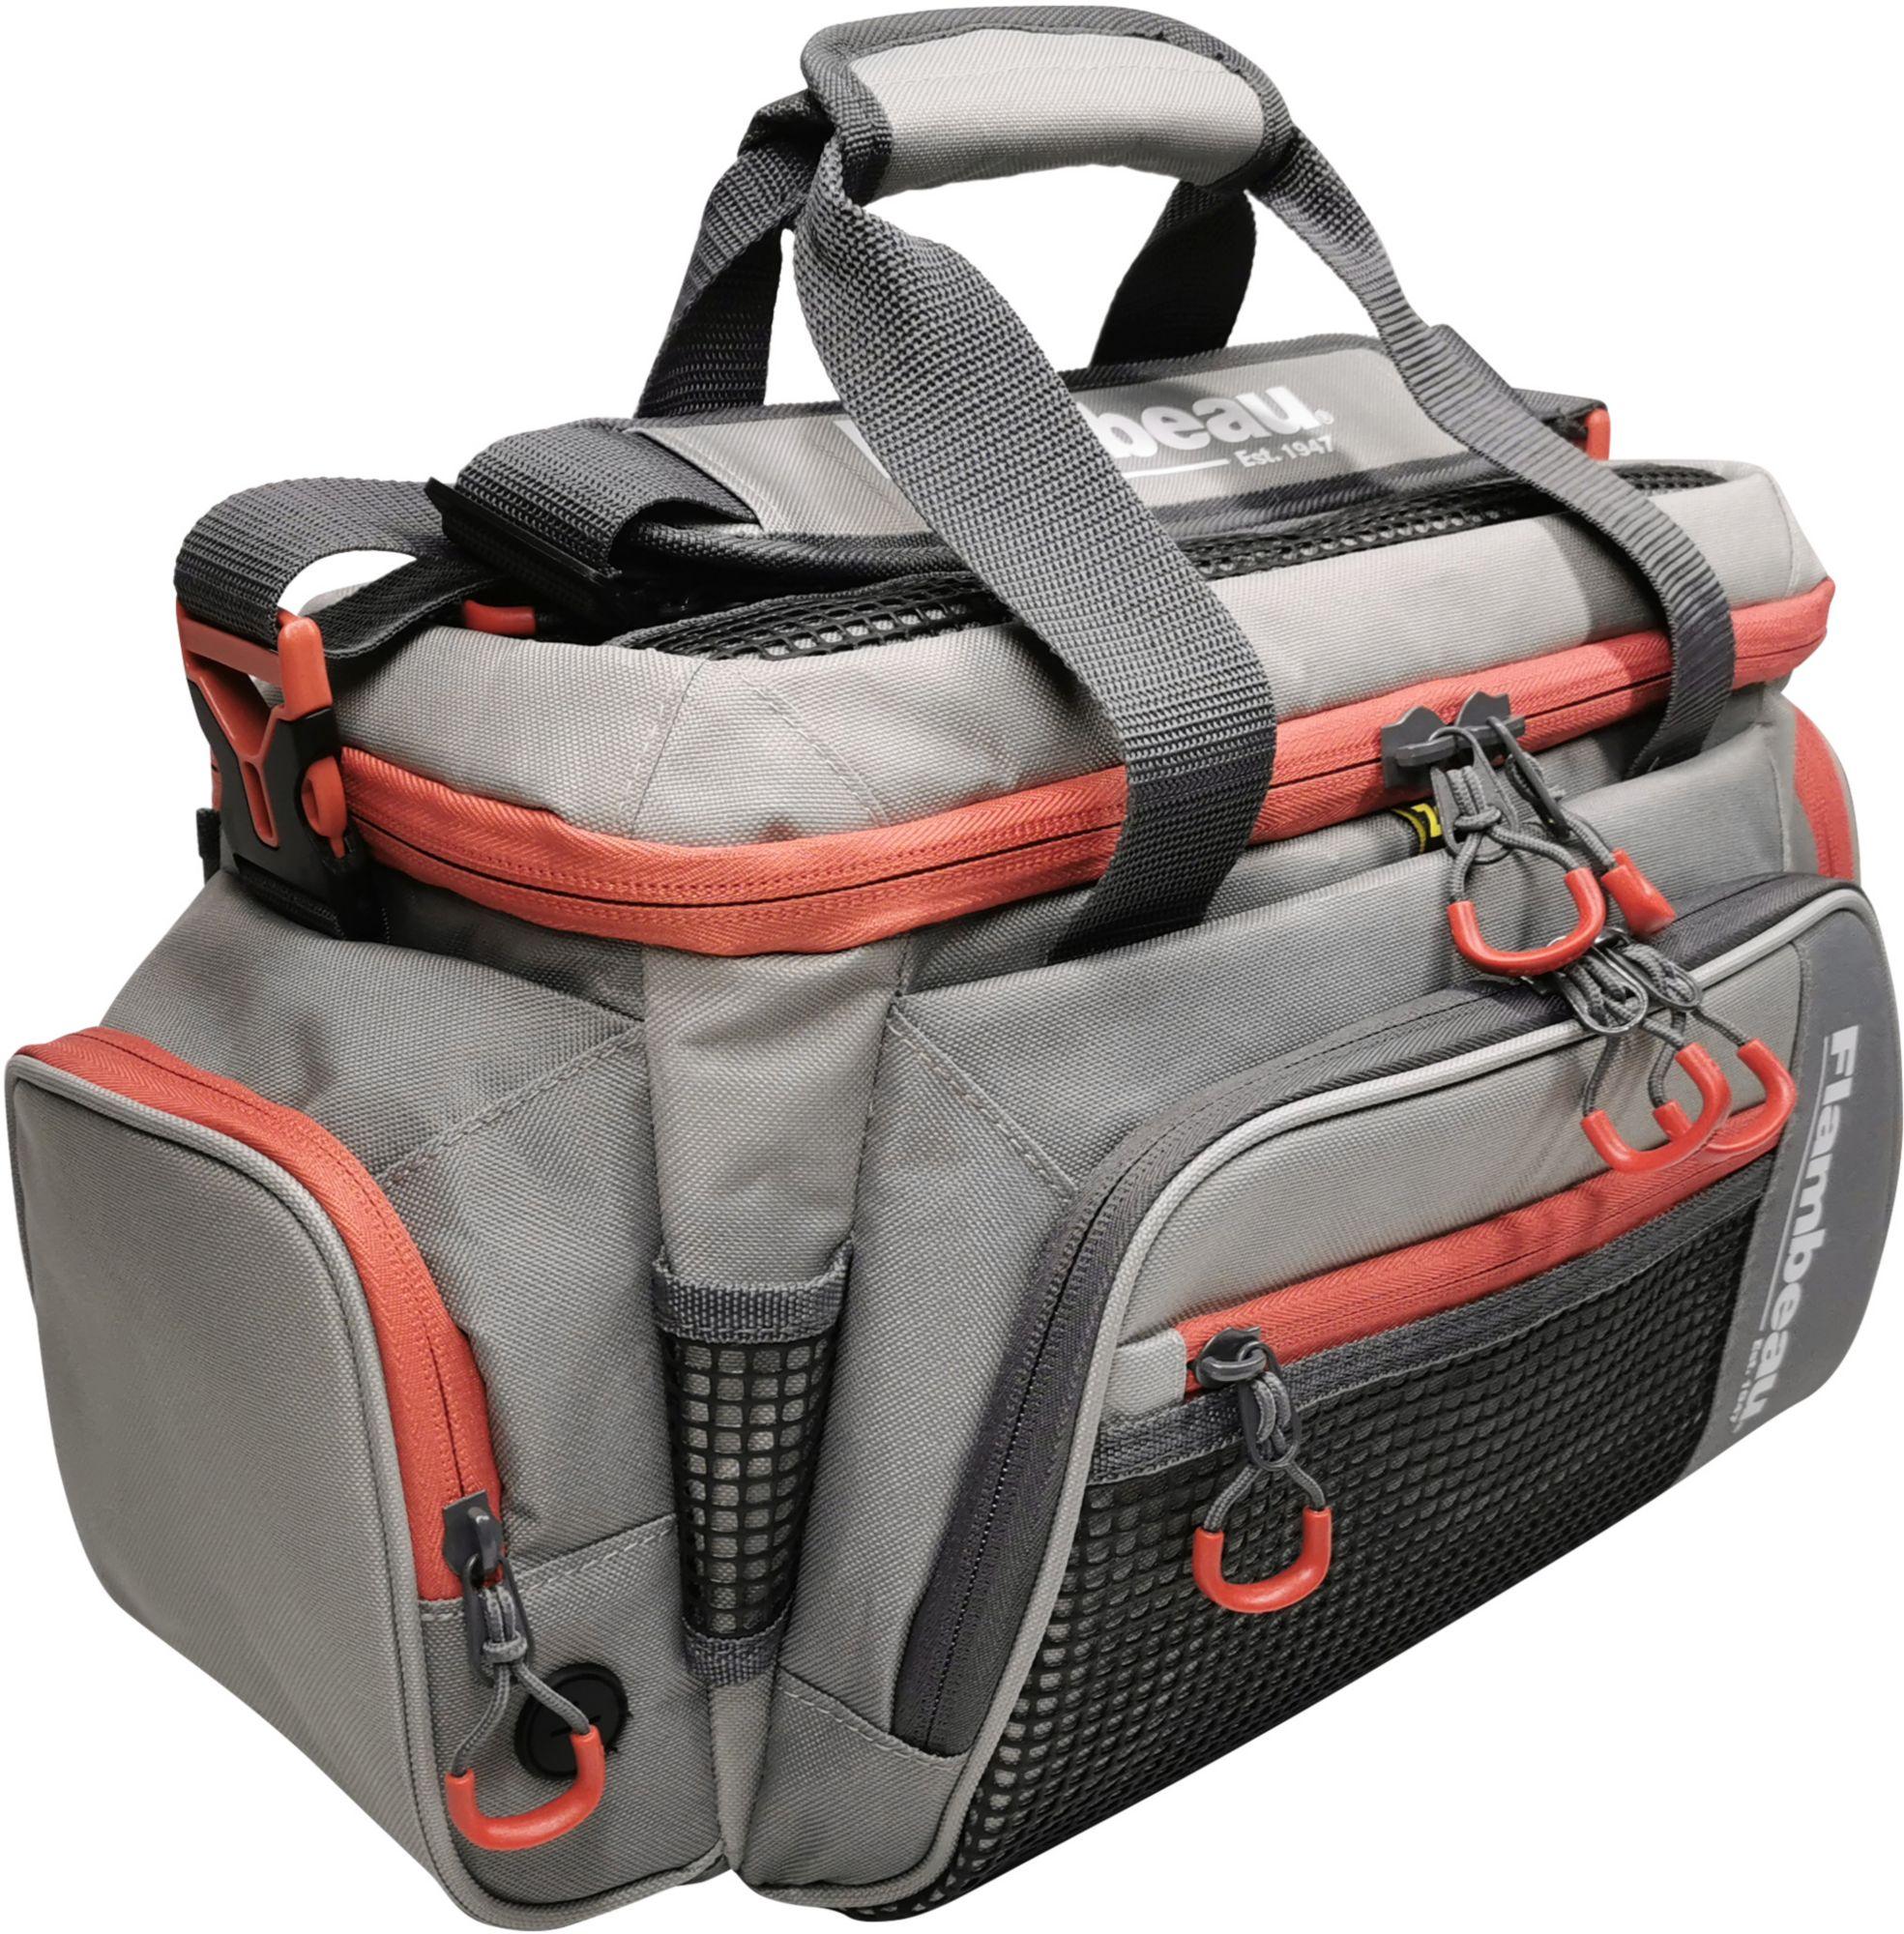 Flambeau Pro-Angler 4007 Tackle Bag, Size: One size